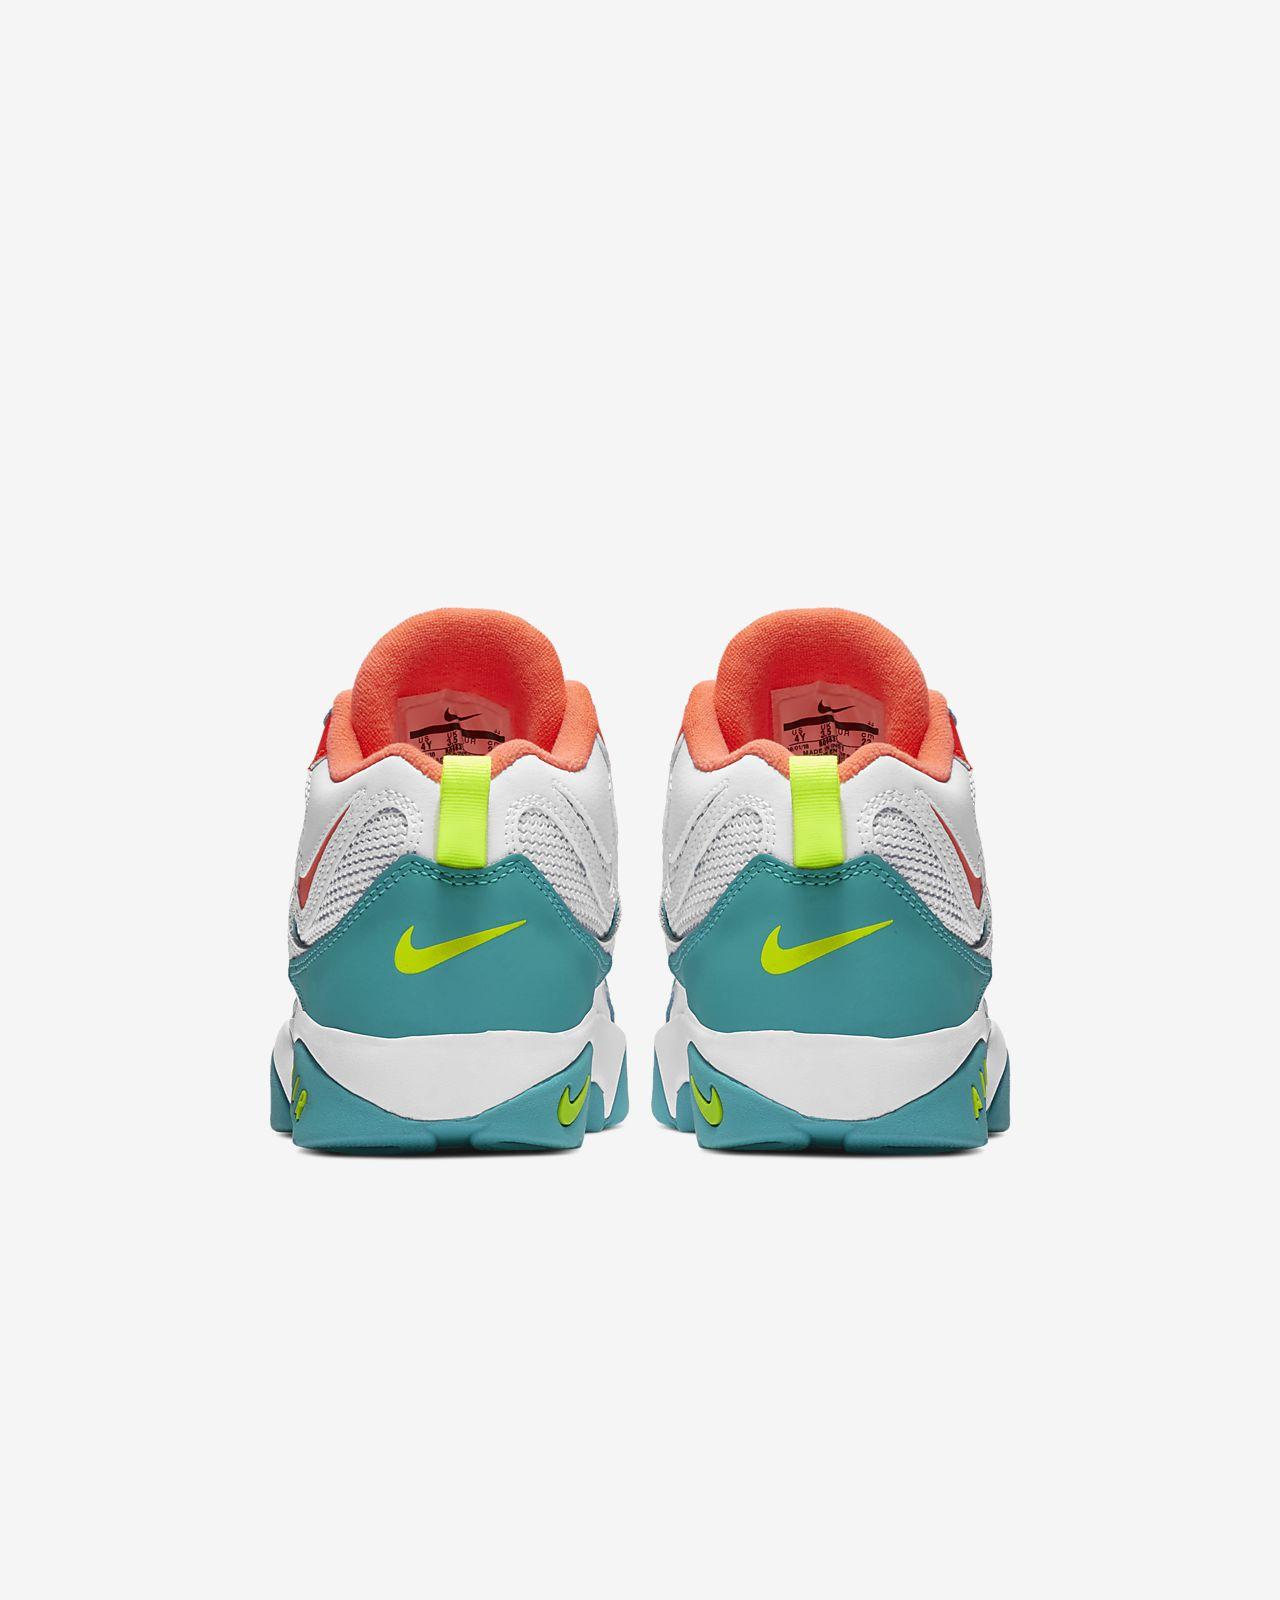 6e9847d8b2e Nike Air Max Speed Turf Big Kids  Shoe. Nike.com